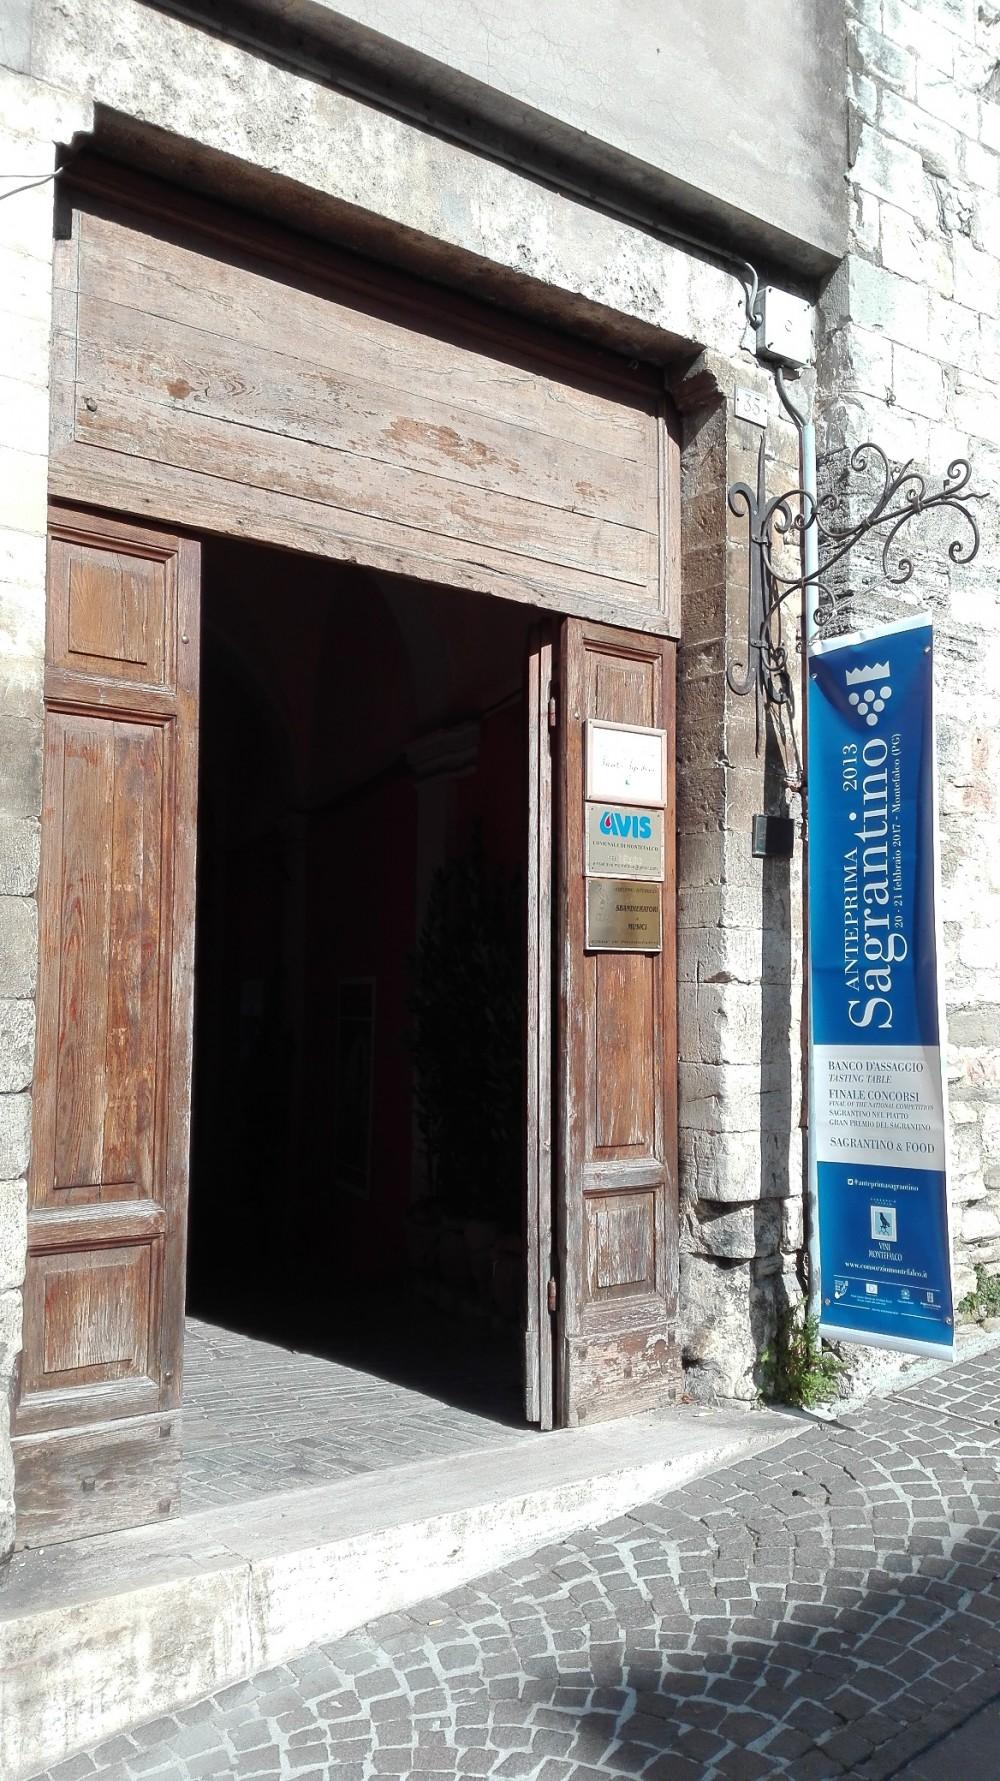 Chiostro SantAgostino, Degustazione Libera